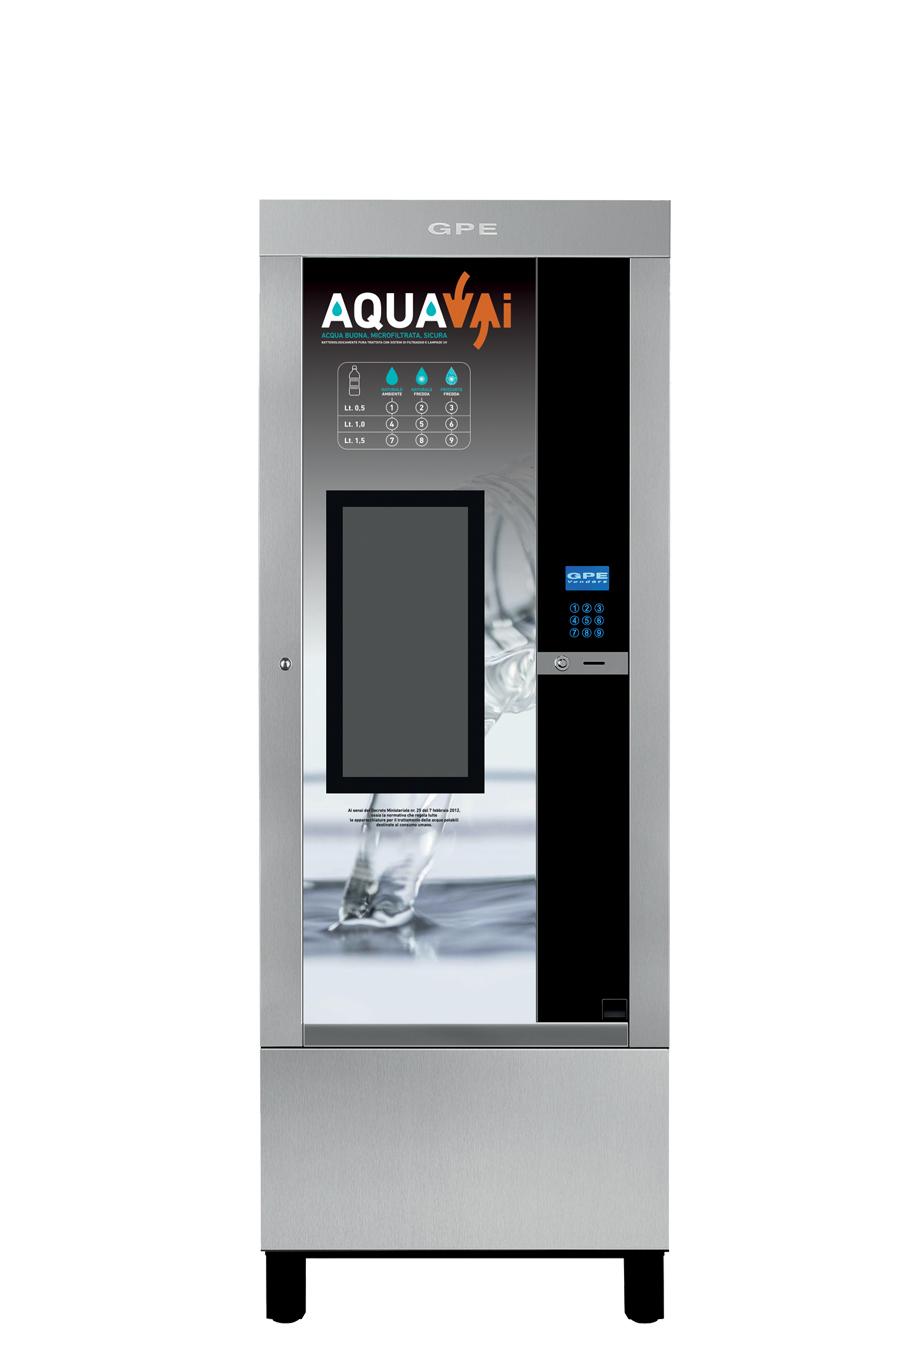 Aquavai